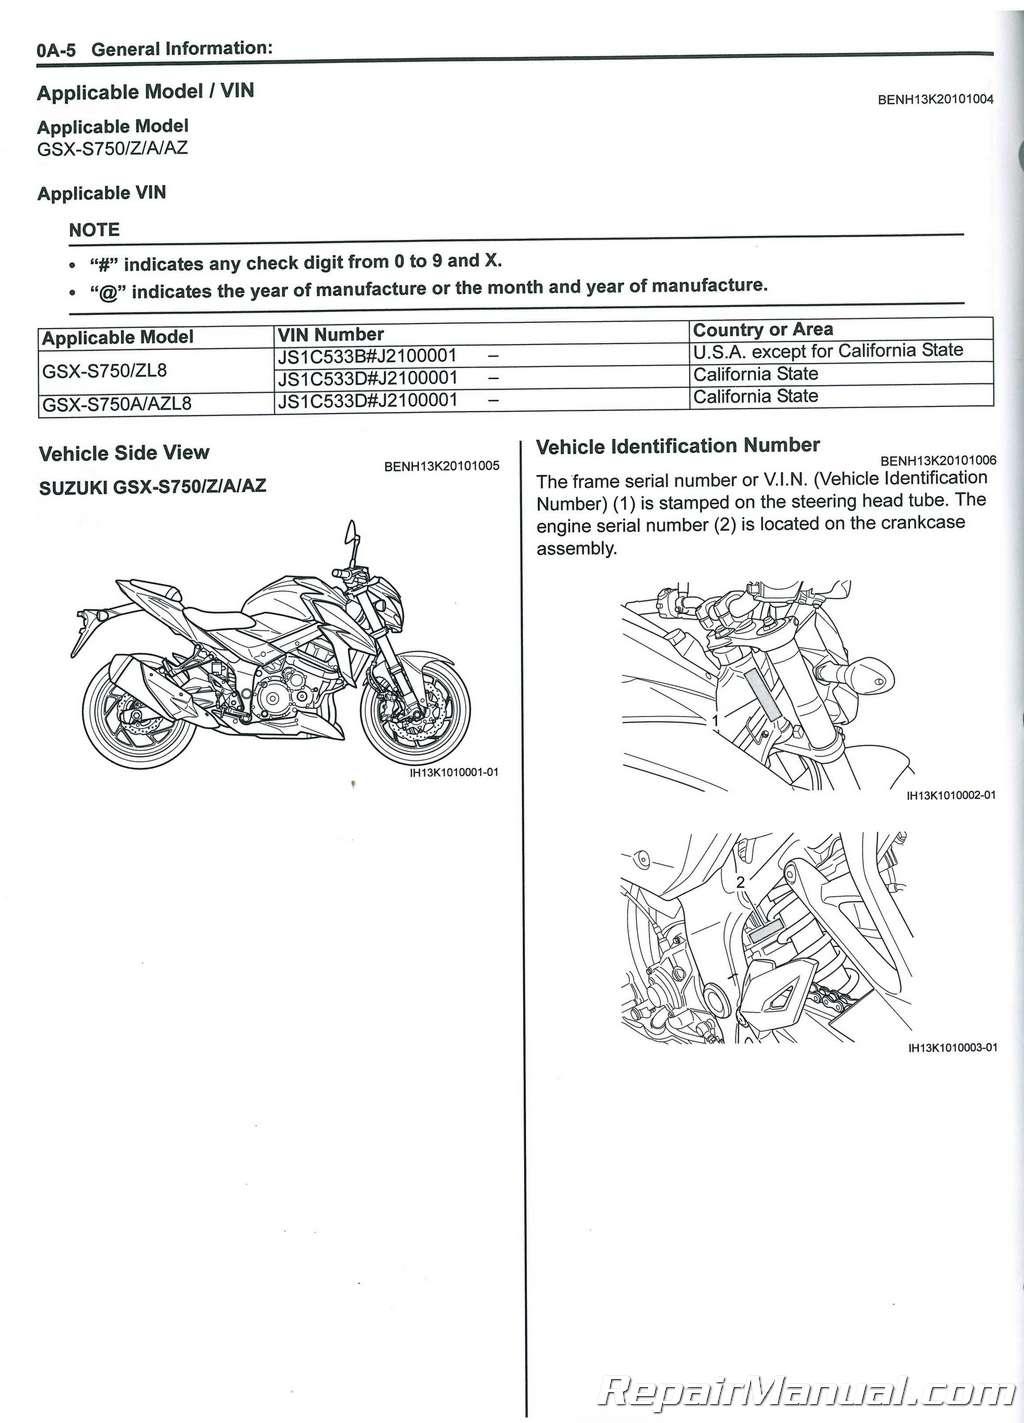 Мануалы и документация для Suzuki GSR 750 (GSX-S750)